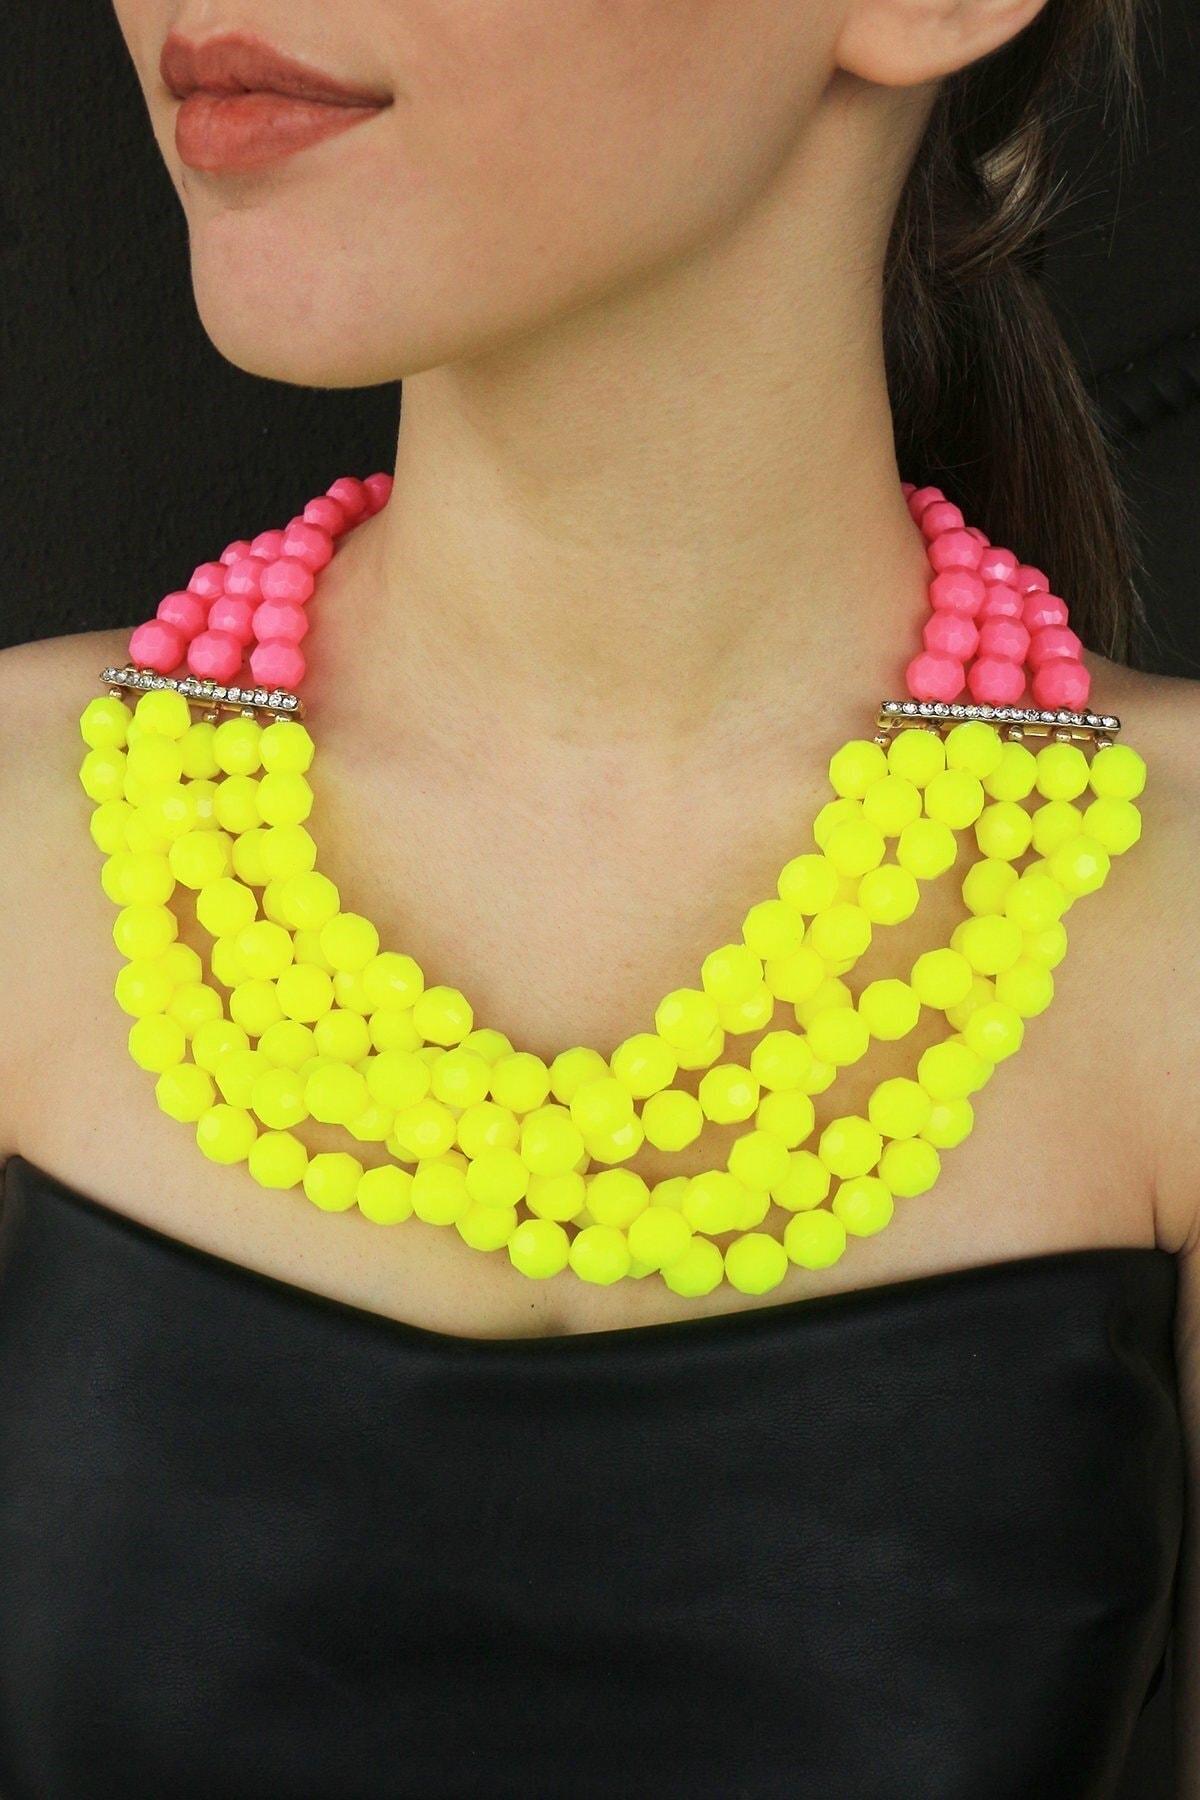 TAKIŞTIR Özel Tasarım Pembe Ve Sarı Renk Boncuklu Kolye 1